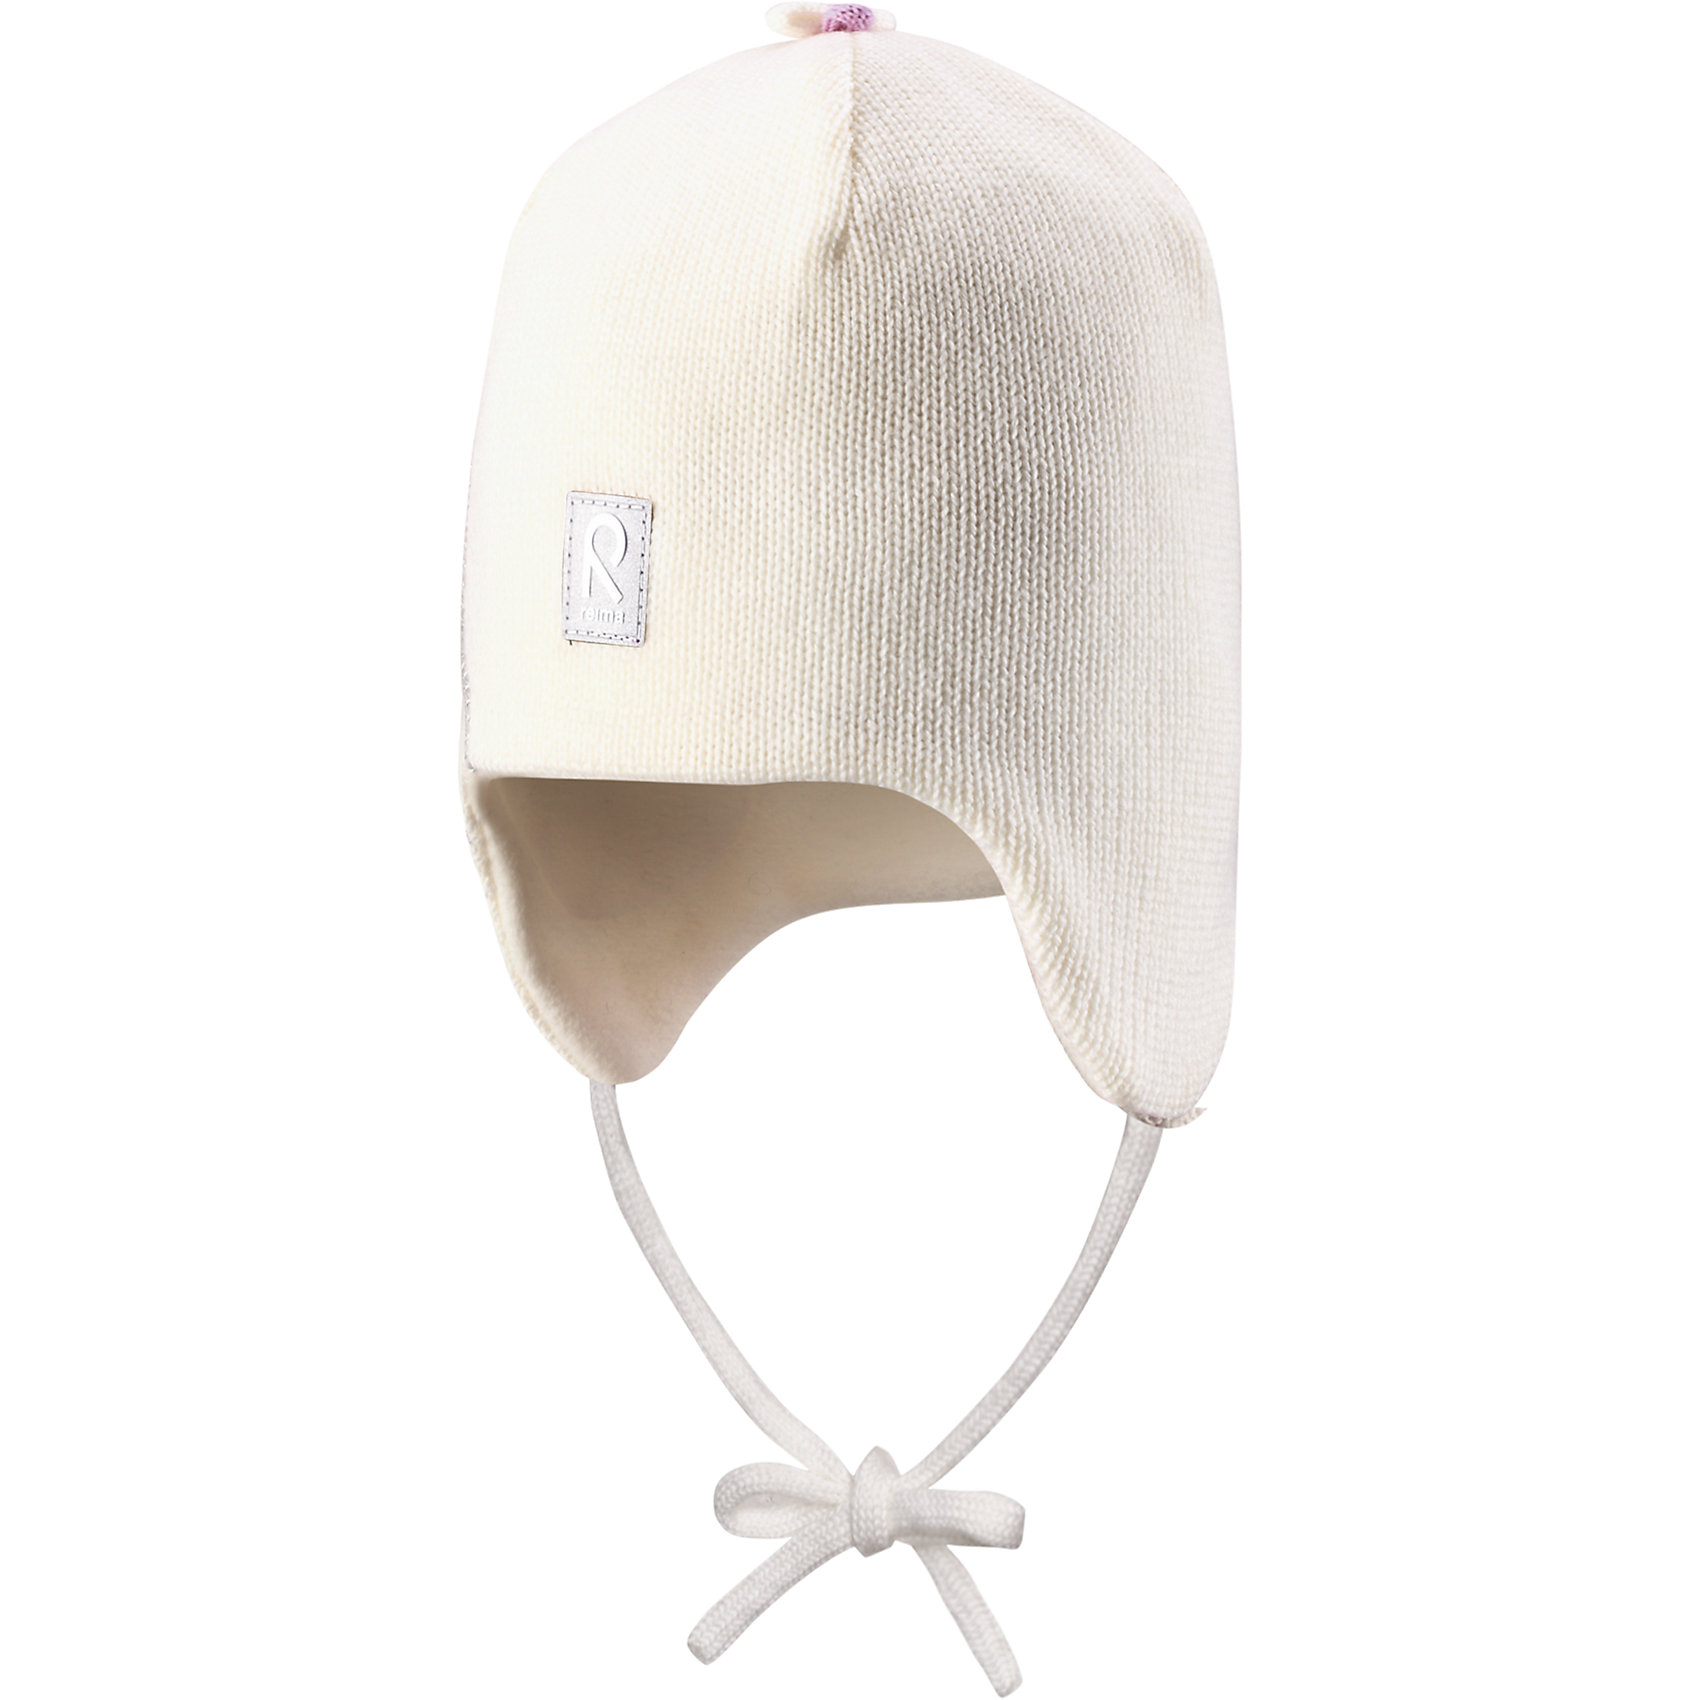 Шапка для девочки ReimaШапка для девочки Reima<br>Шапка «Бини» для малышей. Шерсть идеально поддерживает температуру. Теплая шерстяная вязка (волокно). Товар сертифицирован Oeko-Tex, класс 1, одежда для малышей. Ветронепроницаемые вставки в области ушей. Любые размеры. Мягкая теплая подкладка из поларфлиса. Логотип Reima® спереди. Милый вязаный узор. Декоративные элементы сверху. Светоотражающий элемент спереди.<br>Уход:<br>Стирать по отдельности, вывернув наизнанку. Придать первоначальную форму вo влажном виде. Возможна усадка 5 %.<br>Состав:<br>100% Шерсть<br><br>Ширина мм: 89<br>Глубина мм: 117<br>Высота мм: 44<br>Вес г: 155<br>Цвет: белый<br>Возраст от месяцев: 18<br>Возраст до месяцев: 36<br>Пол: Женский<br>Возраст: Детский<br>Размер: 46,48,52,50<br>SKU: 4777132